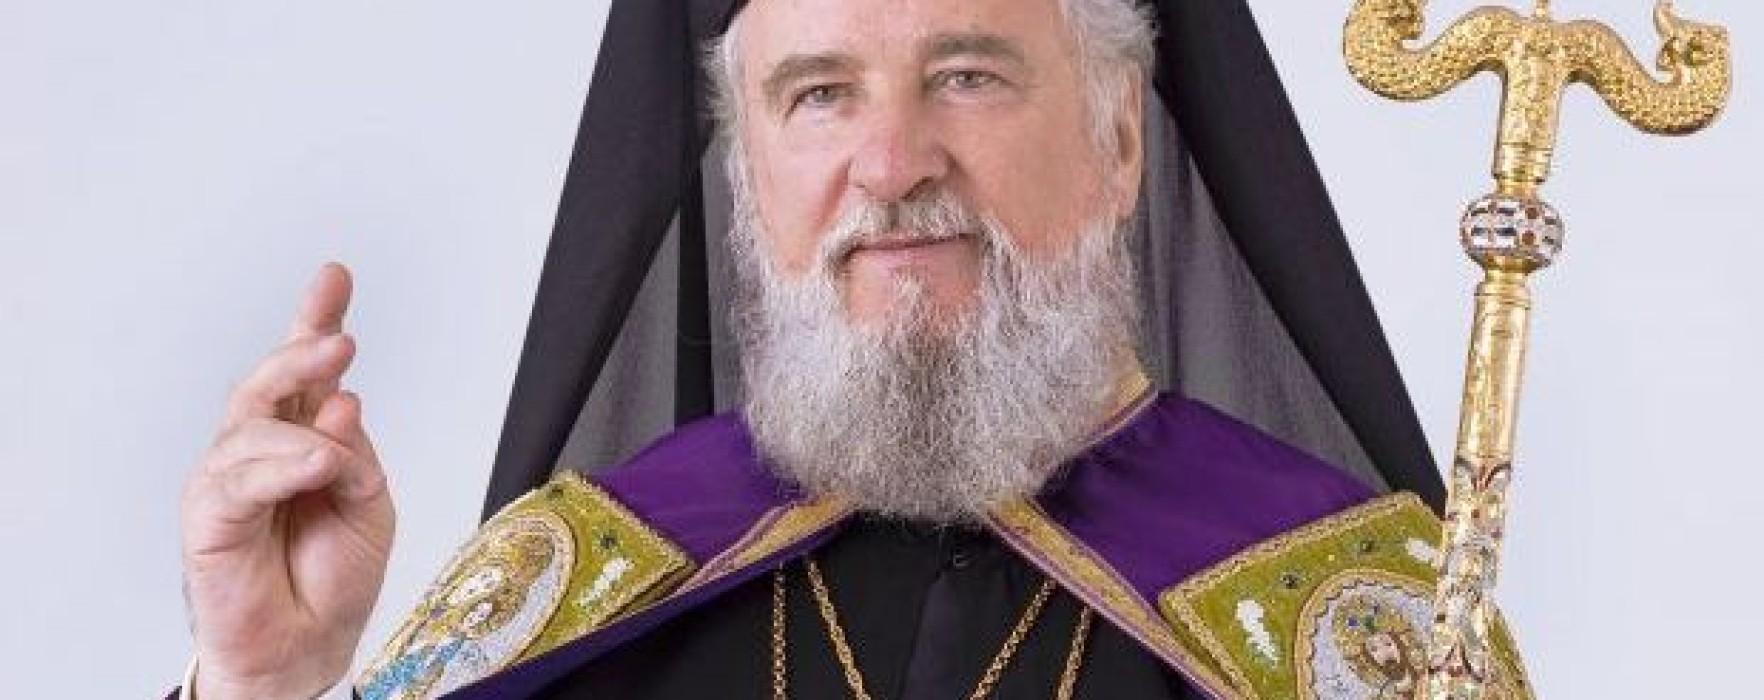 Mesajul arhiepiscopului Târgoviştei cu ocazia sărbătorii Sf. Nifon